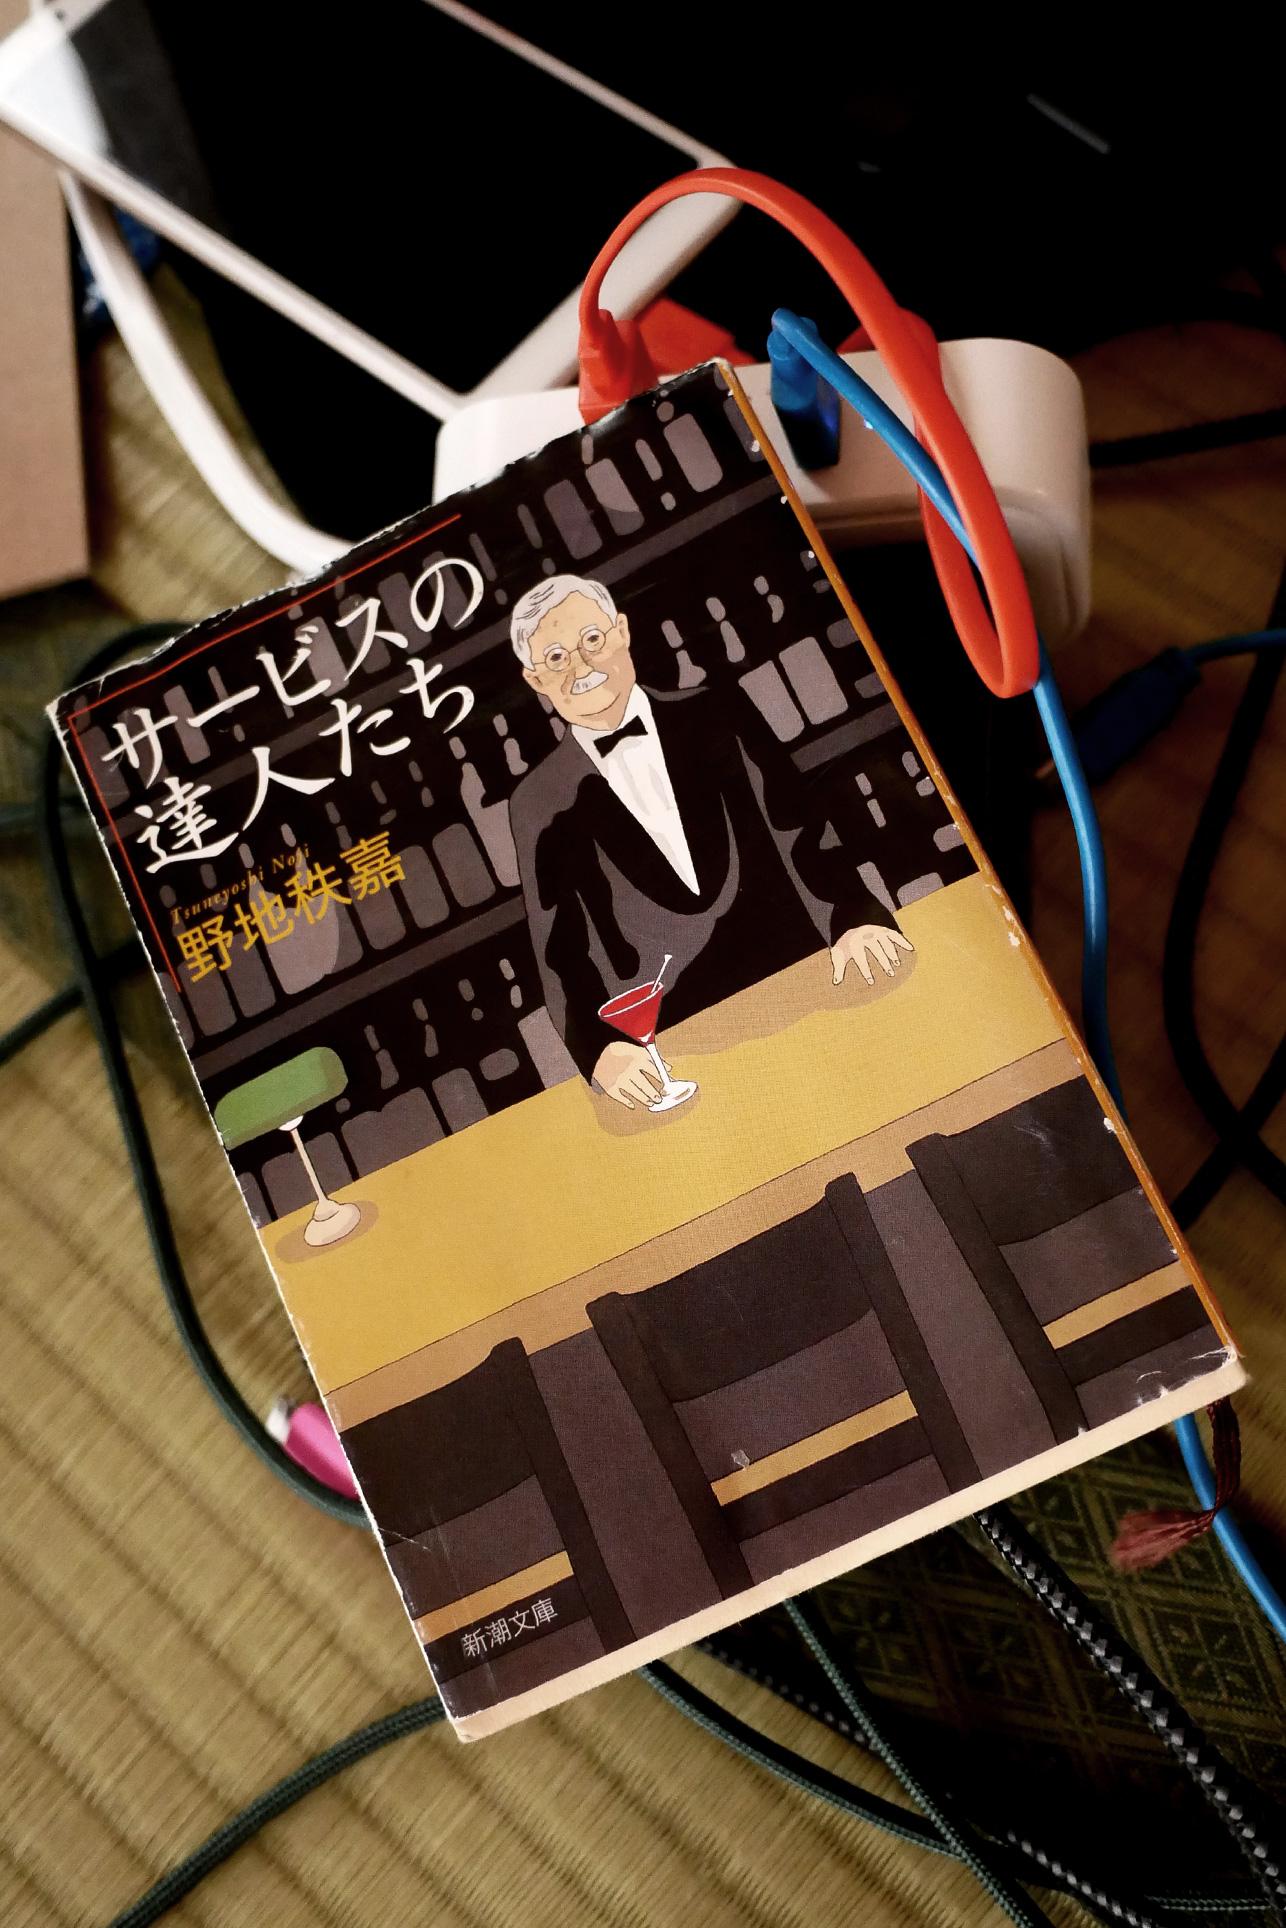 書籍サービスの達人たち(野地 秩嘉/新潮社)」の表紙画像